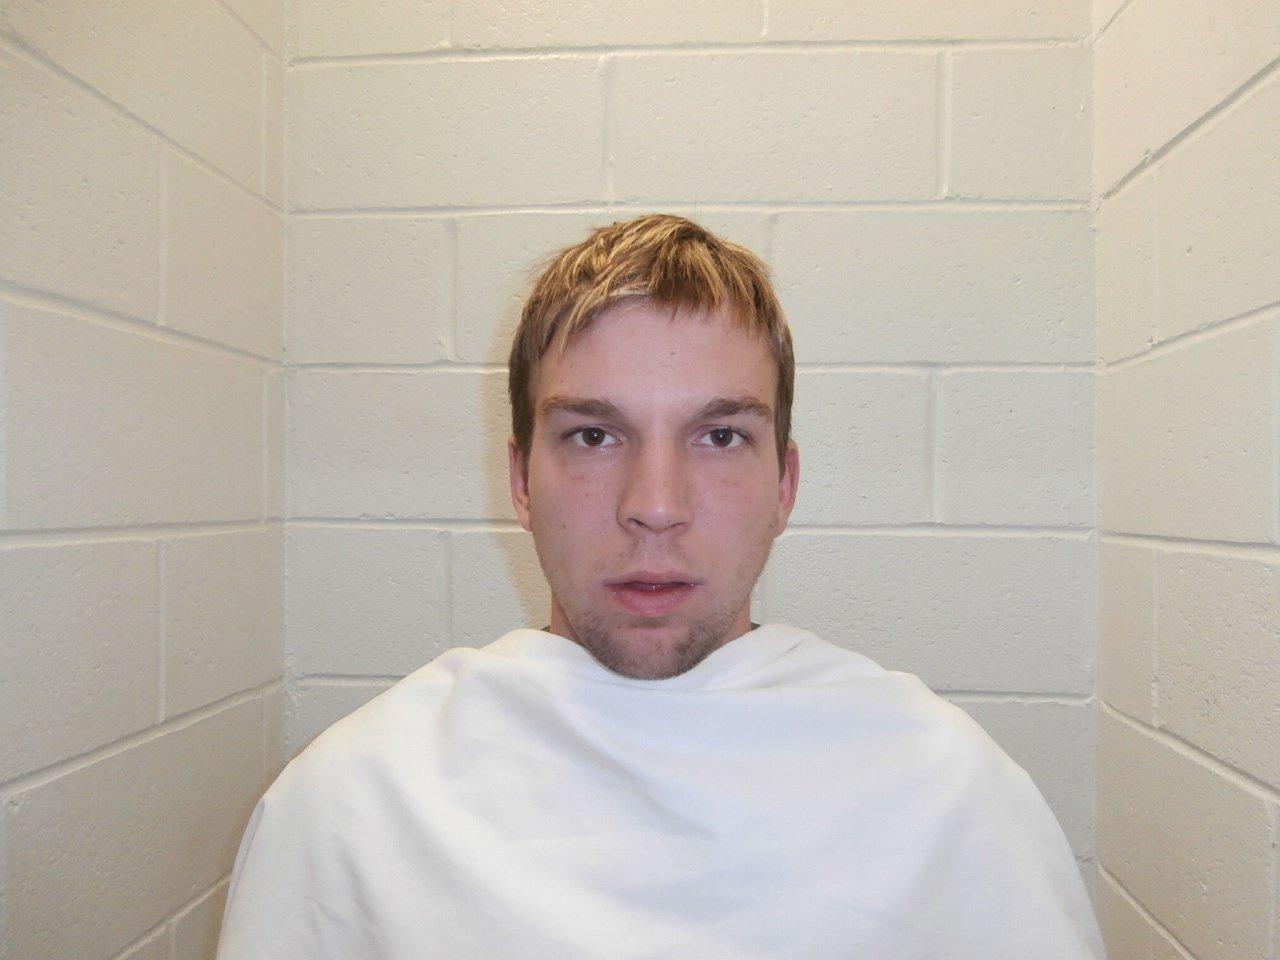 Kenton Gingerich, 23